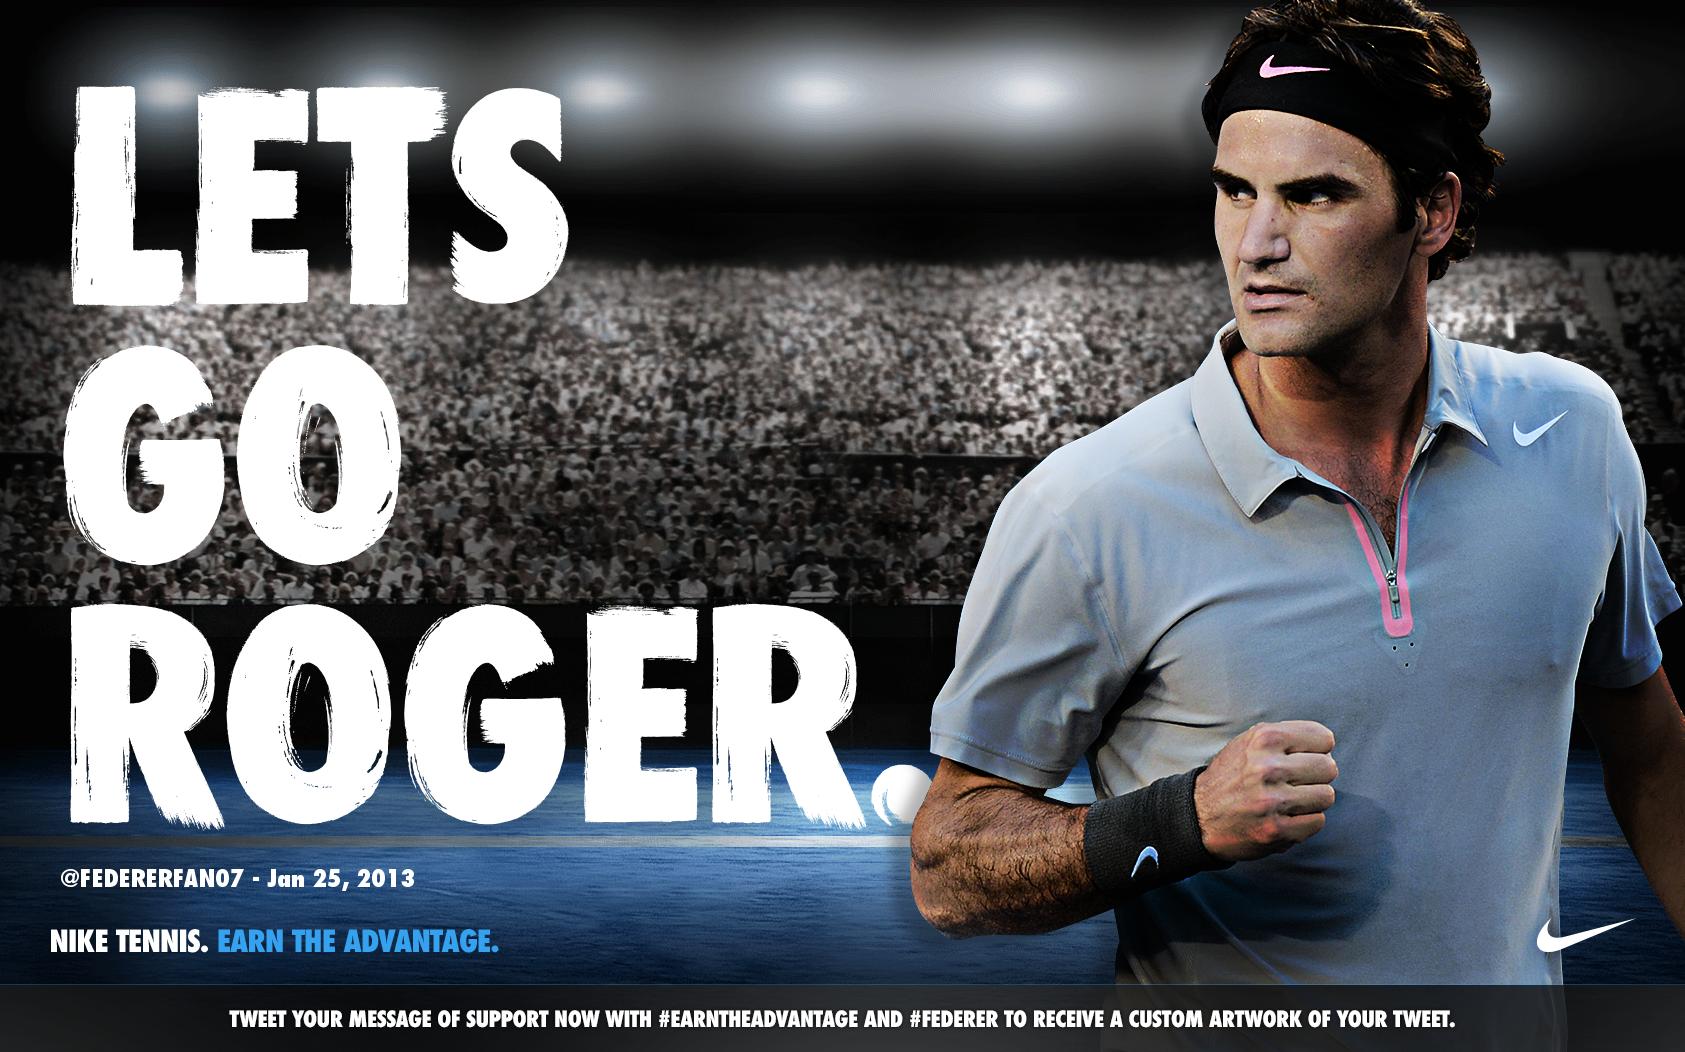 Tennis_RogerFederer-FEDERERFAN07-13